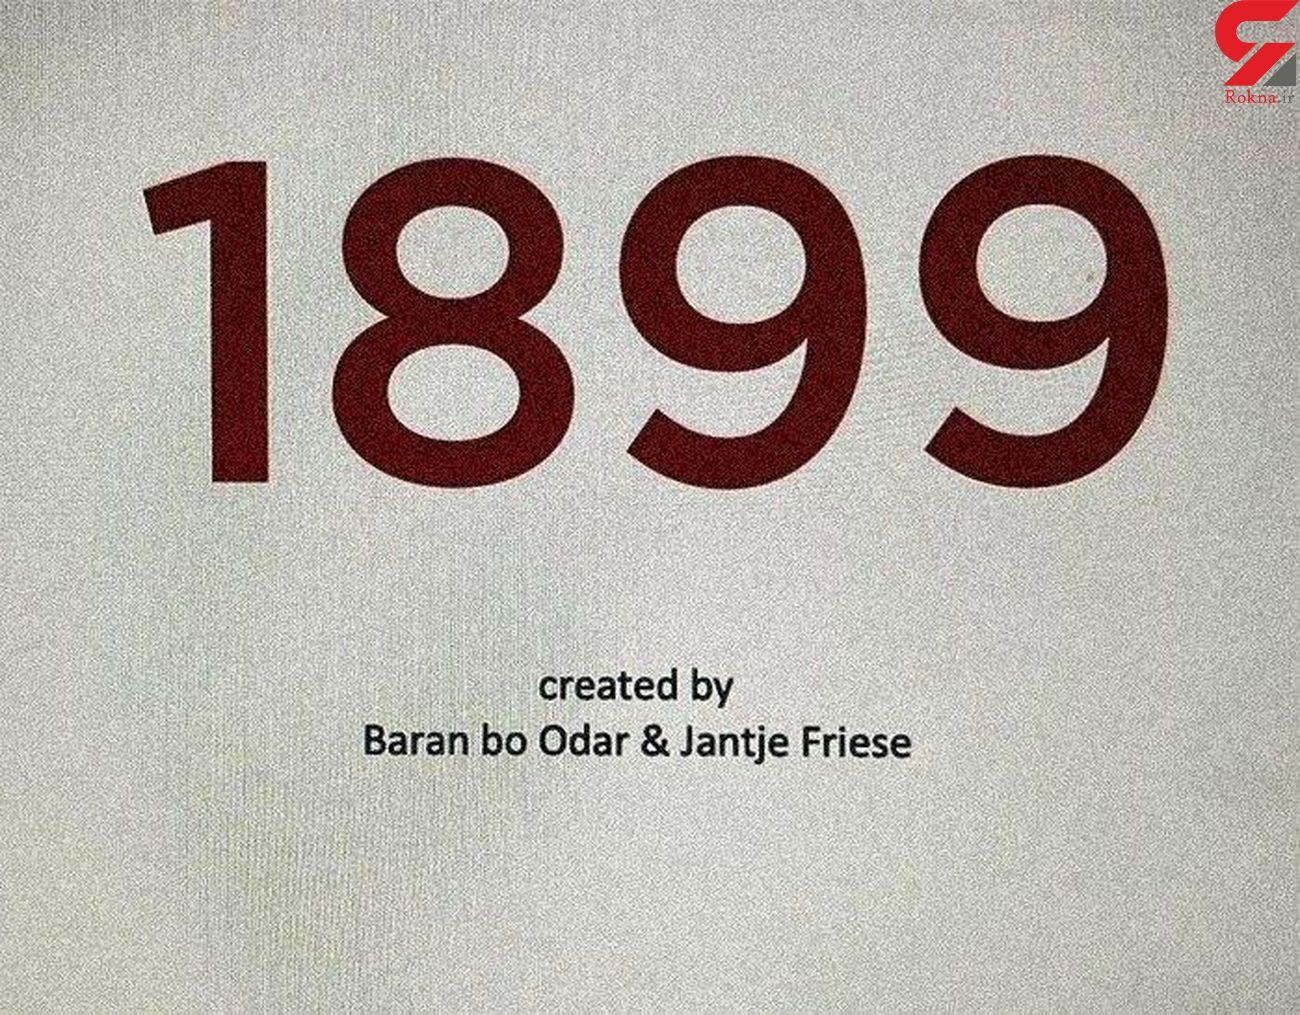 «1899» نام سریال جدید سازندگان «Dark» برای نتفلیکس